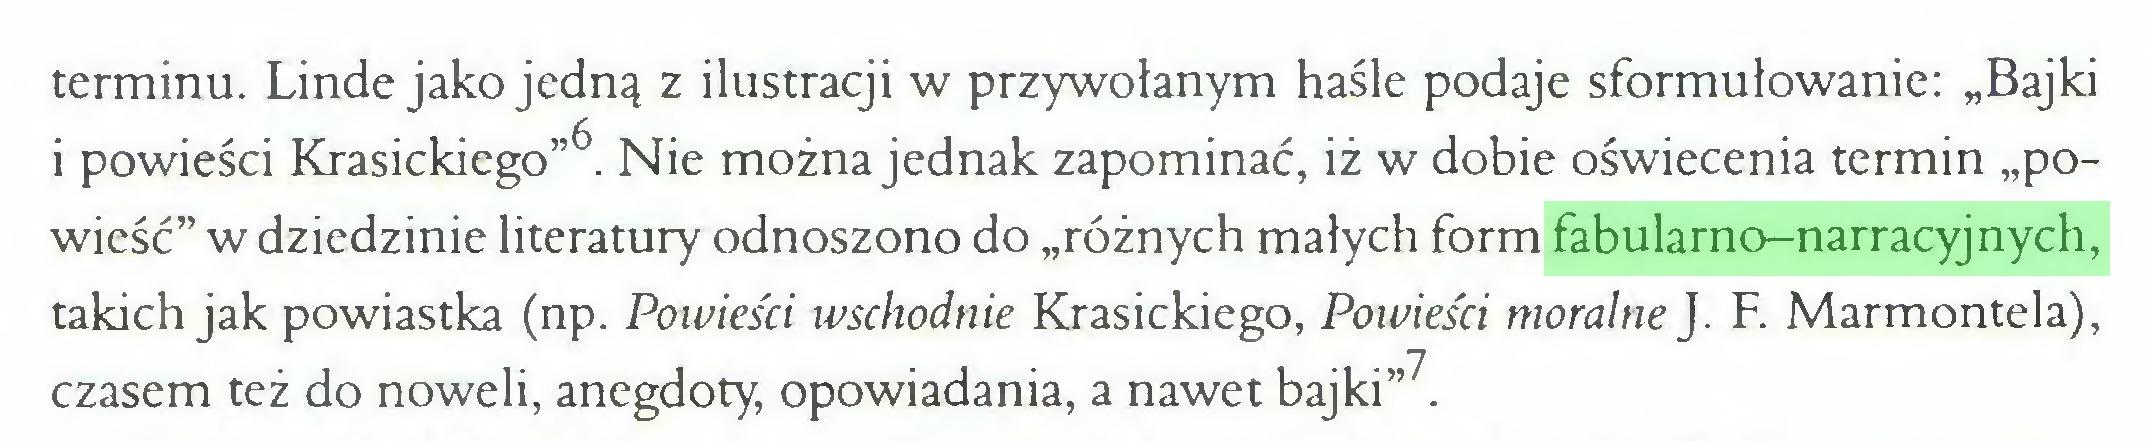 """(...) terminu. Linde jako jedną z ilustracji w przywołanym haśle podaje sformułowanie: """"Bajki i powieści Krasickiego""""6  7 8 9. Nie można jednak zapominać, iż w dobie oświecenia termin """"powieść"""" w dziedzinie literatury odnoszono do """"różnych małych form fabularno-narracyjnych, takich jak powiastka (np. Powieści wschodnie Krasickiego, Powies'ci moralne J. F. Marmontela), czasem też do noweli, anegdoty, opowiadania, a nawet bajki"""" ..."""